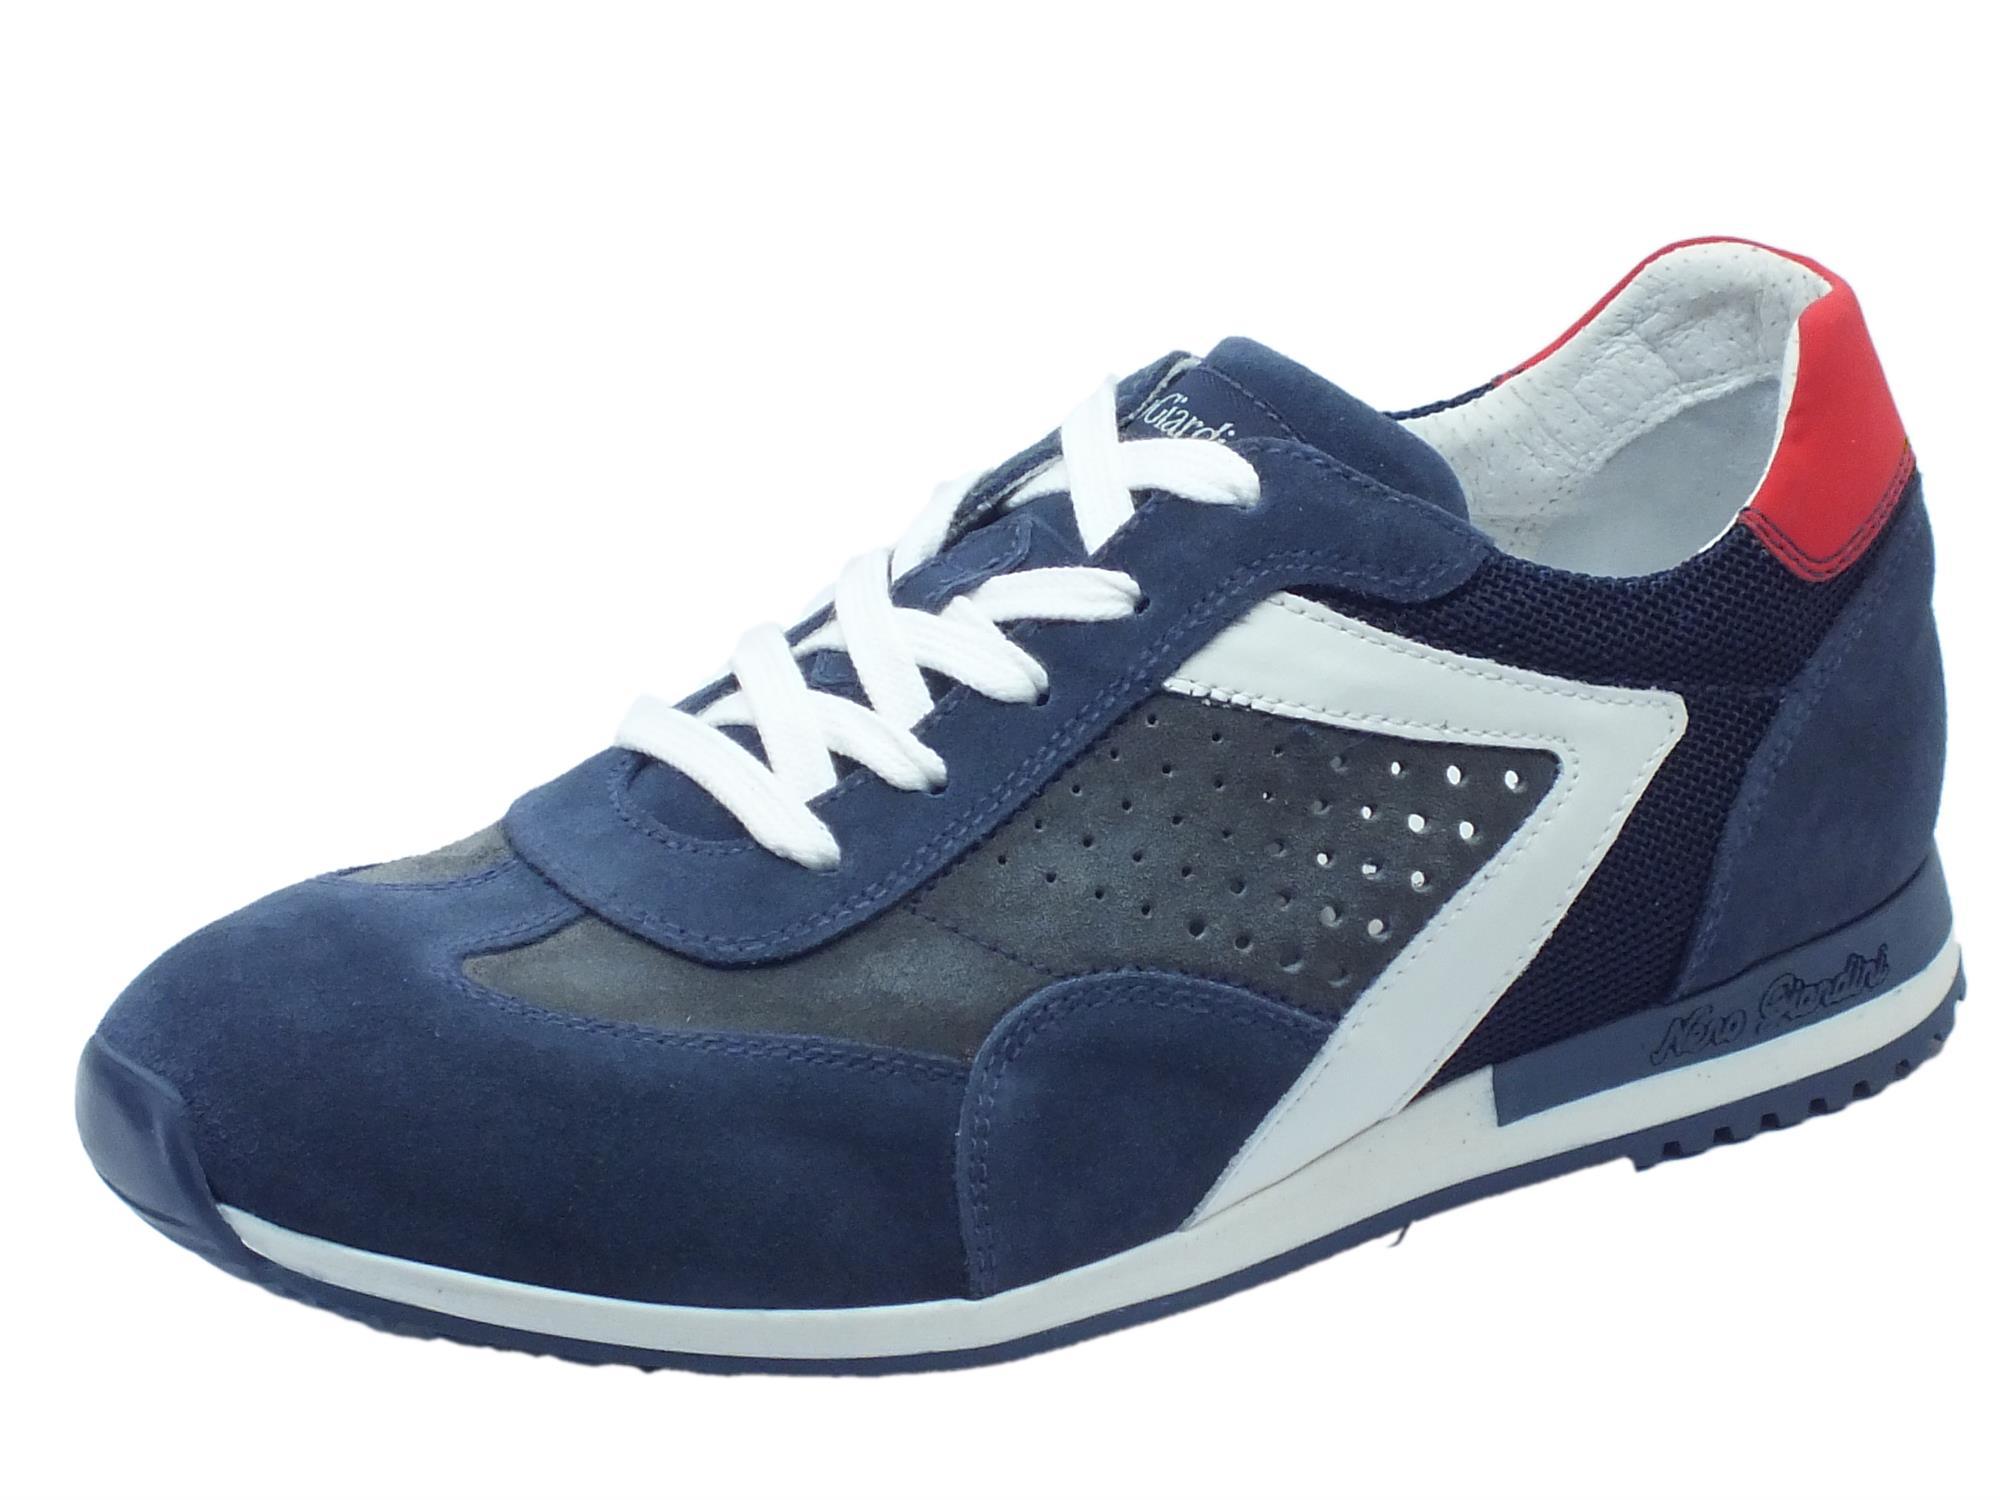 Scarpe sportive NeroGiardini uomo camoscio blue grigio - Vitiello ... d26c1c6d655